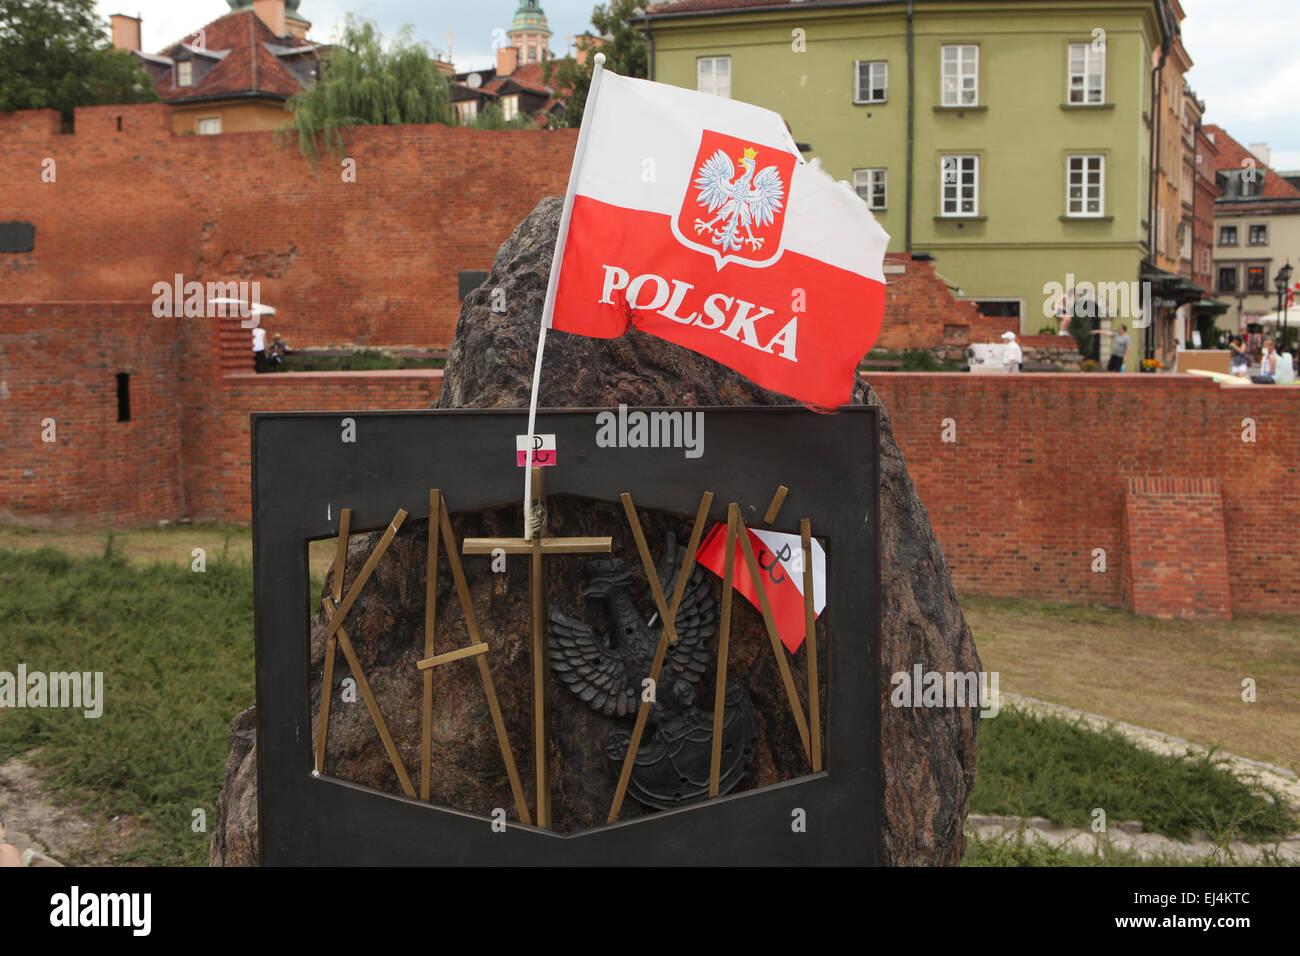 Mémorial de Katyn dédié aux victimes du massacre de Katyn (1940) à Varsovie, Pologne. Banque D'Images